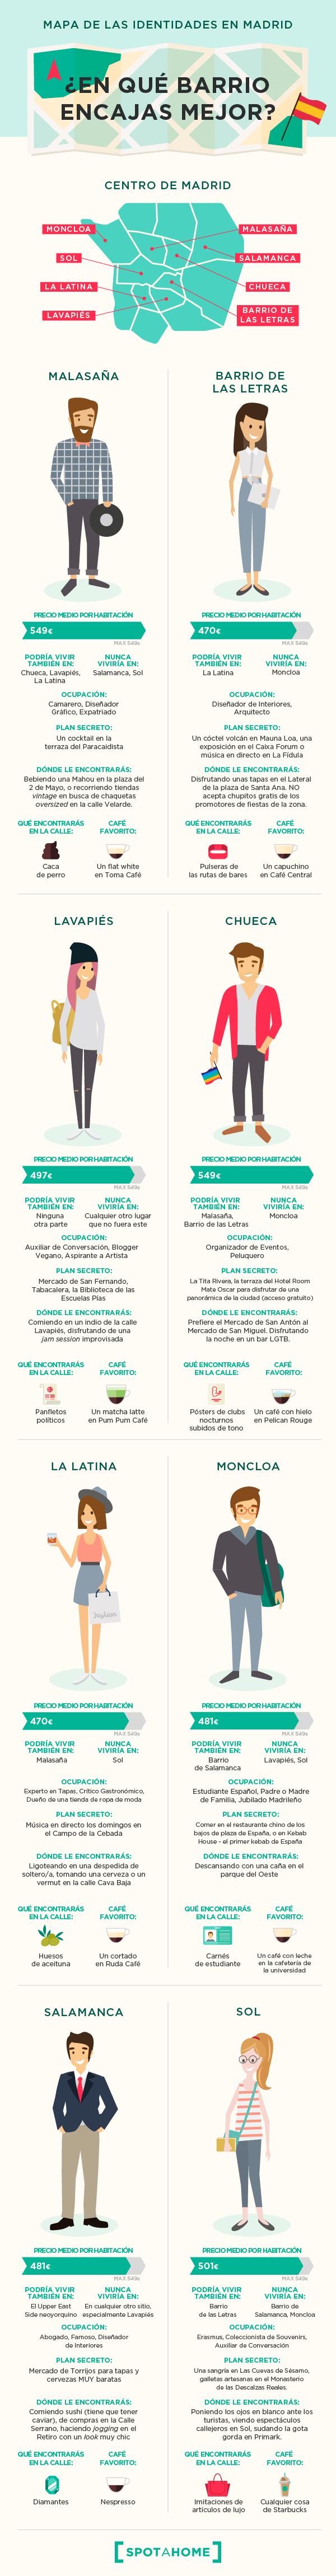 ¿Cuál es el mejor barrio de Madrid para vivir según el tipo de persona que eres? 2